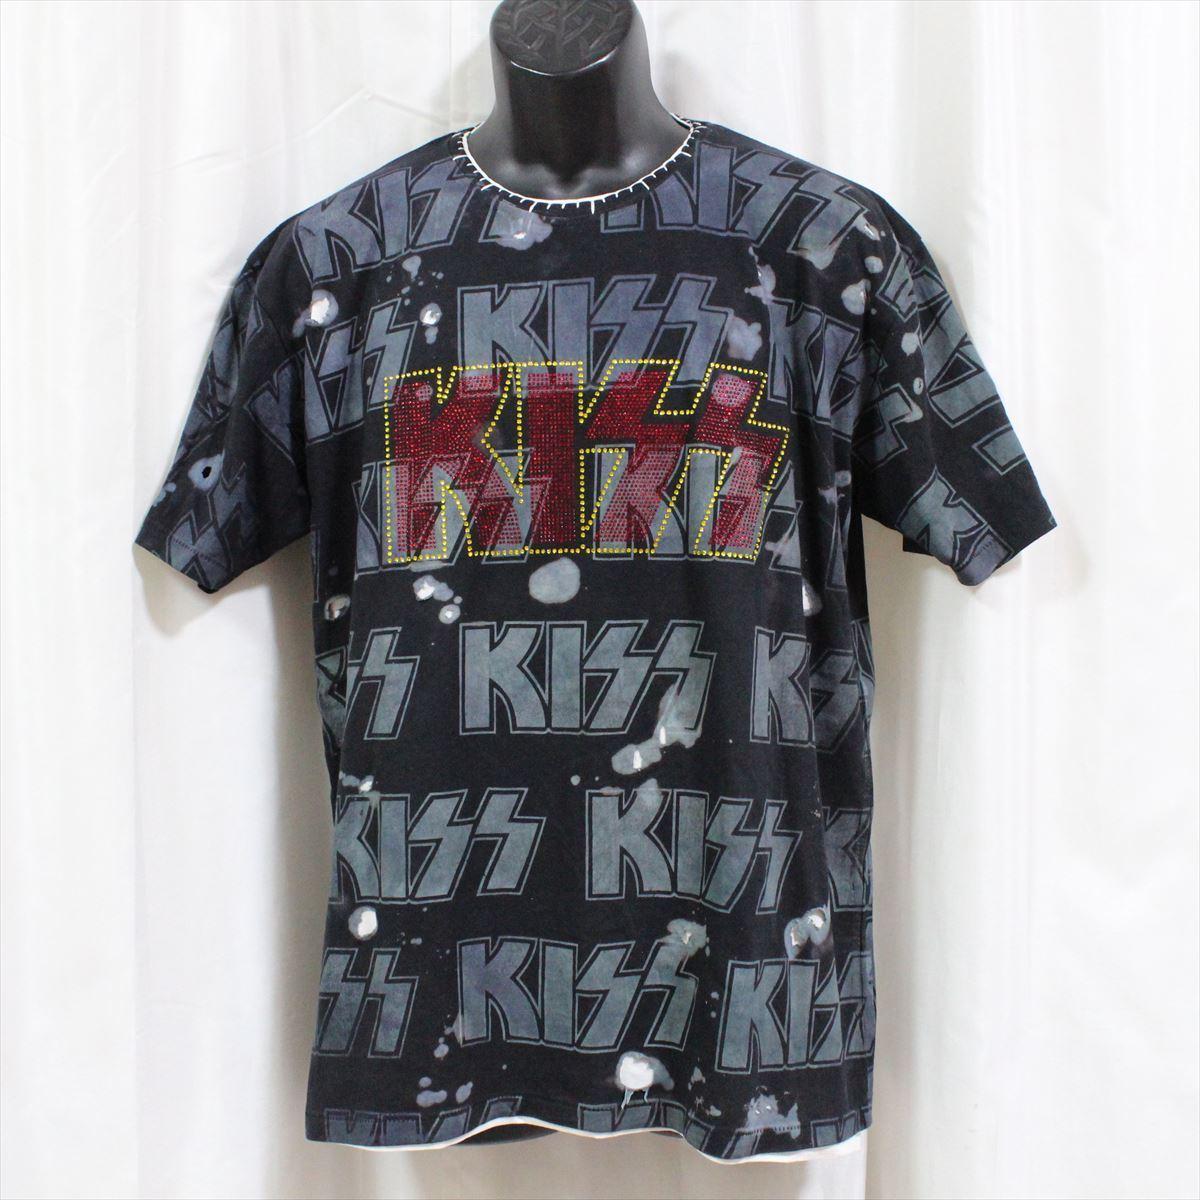 サディスティックアクション SADISTIC ACTION アイコニック メンズ半袖Tシャツ KISS Lサイズ ICONIC COUTURE 新品_画像1